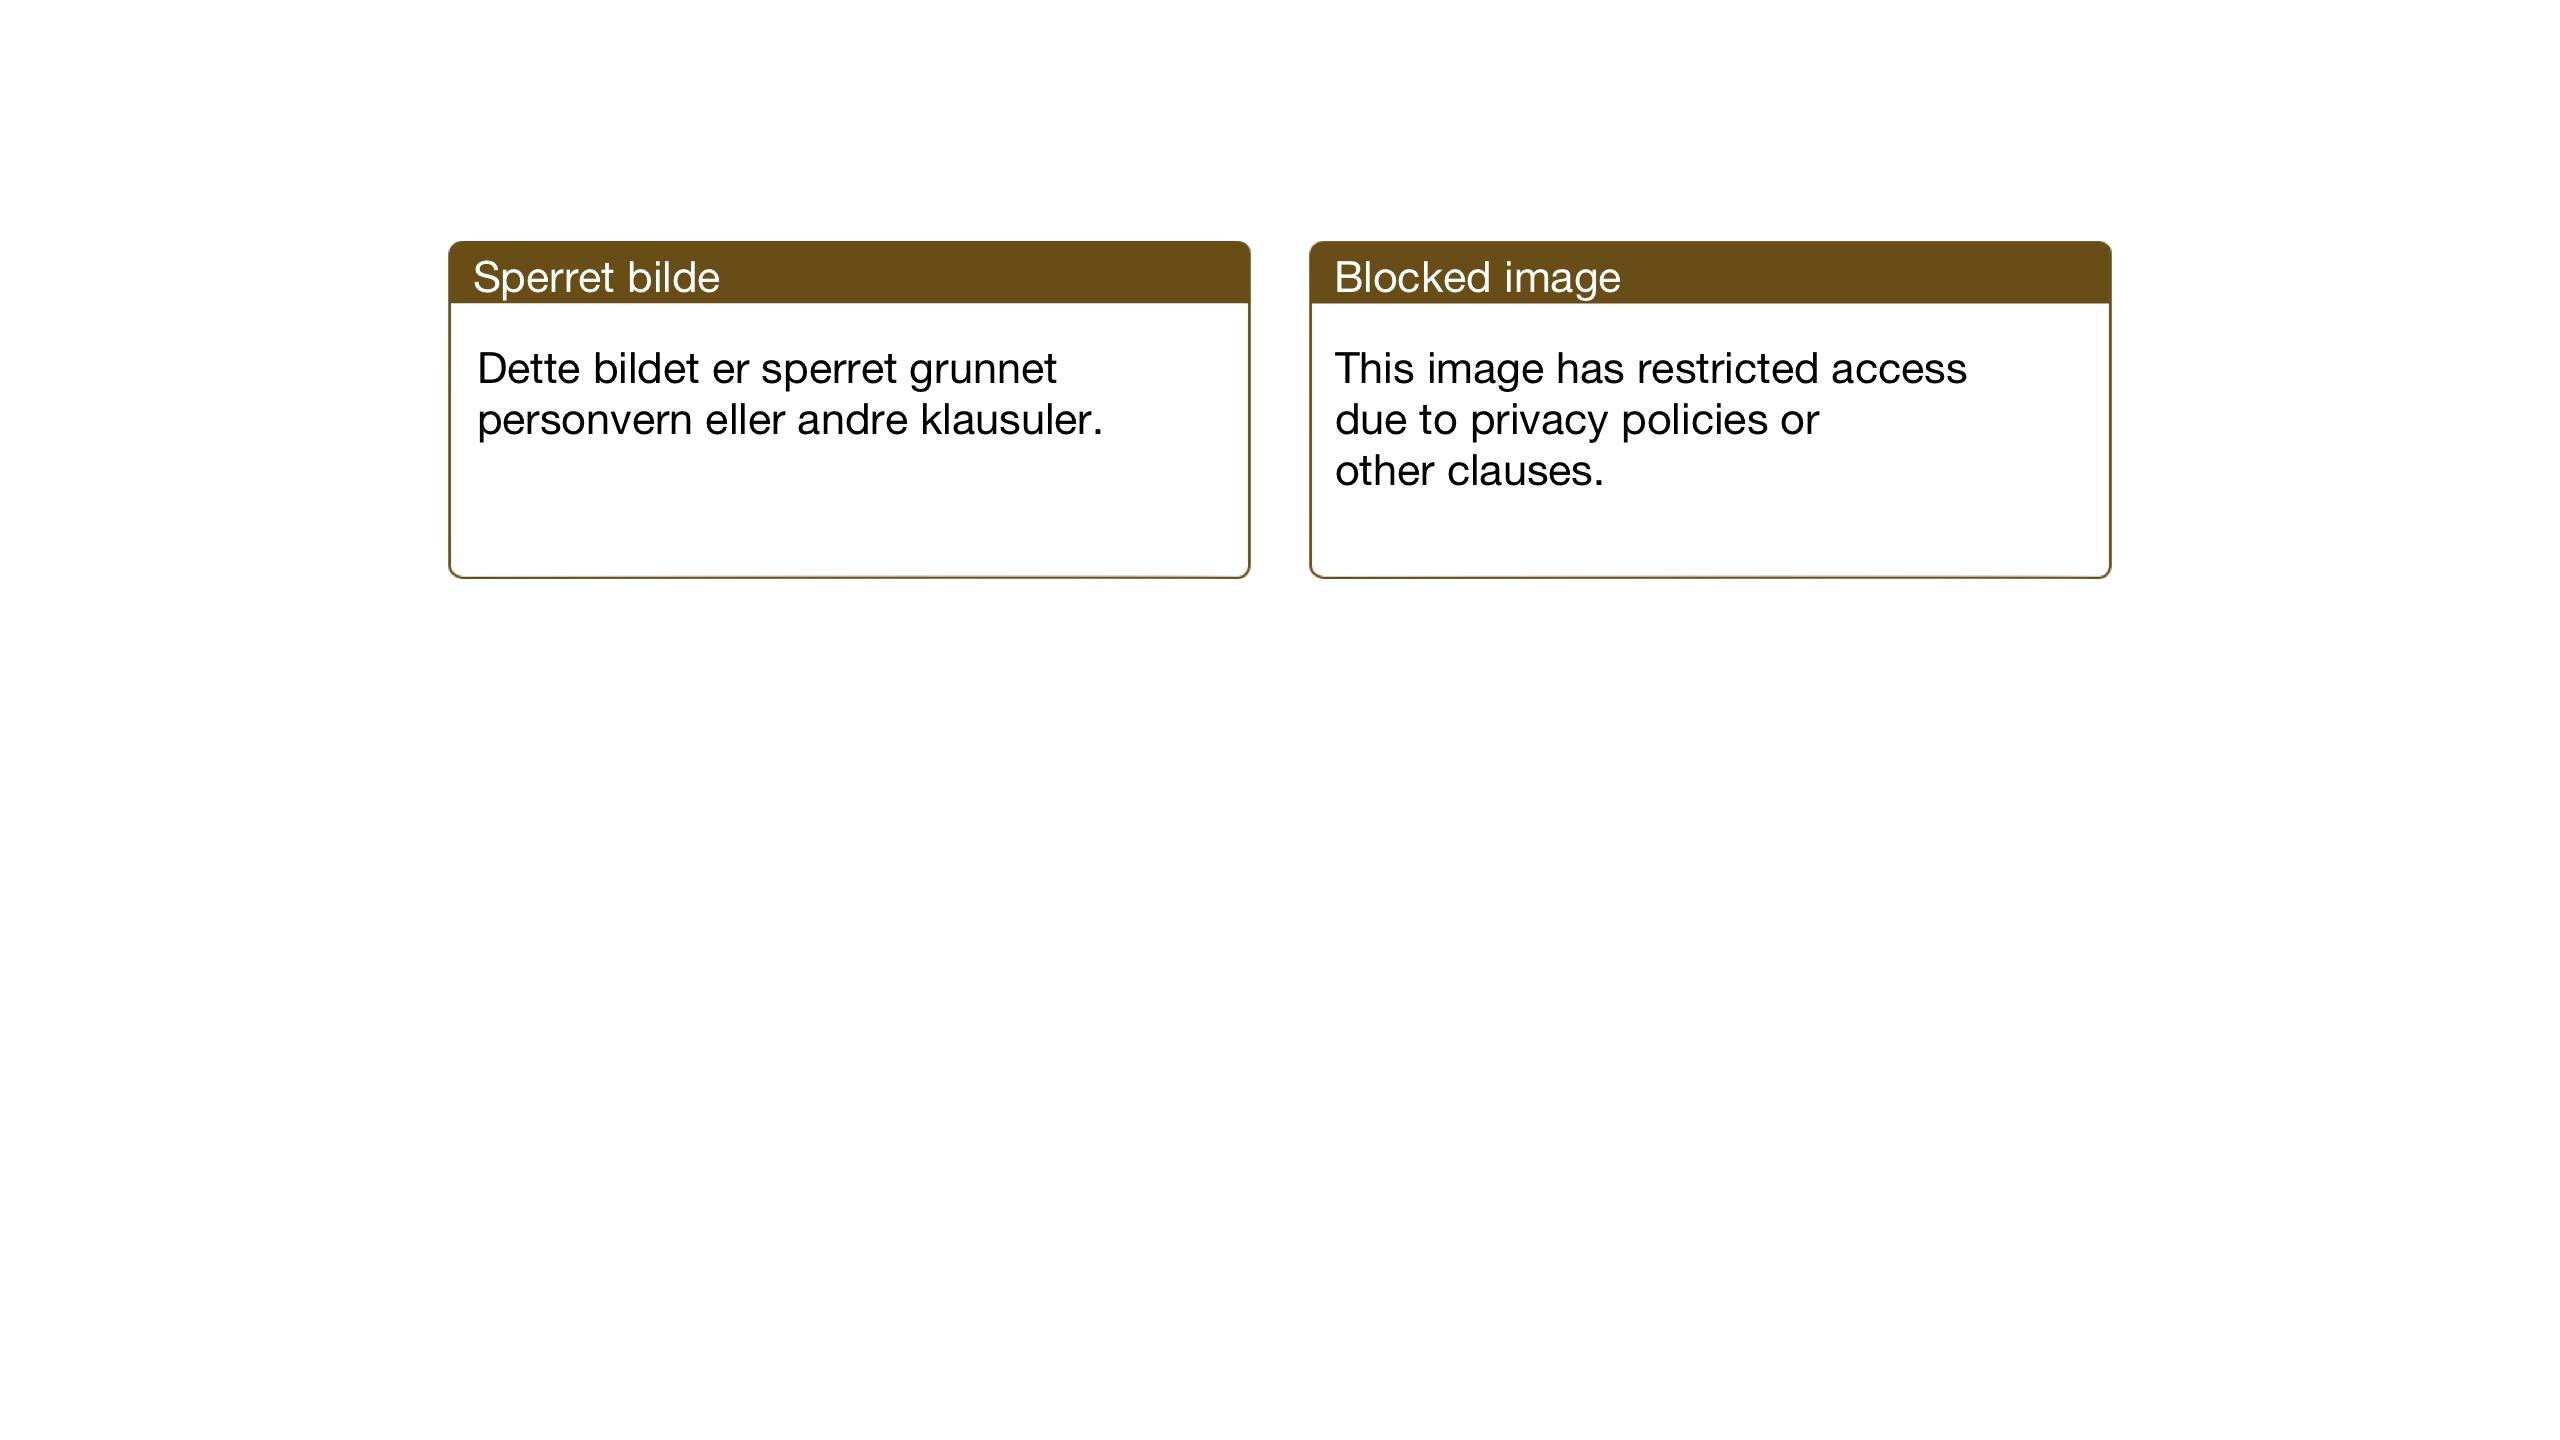 SAT, Ministerialprotokoller, klokkerbøker og fødselsregistre - Sør-Trøndelag, 615/L0401: Klokkerbok nr. 615C02, 1922-1941, s. 74